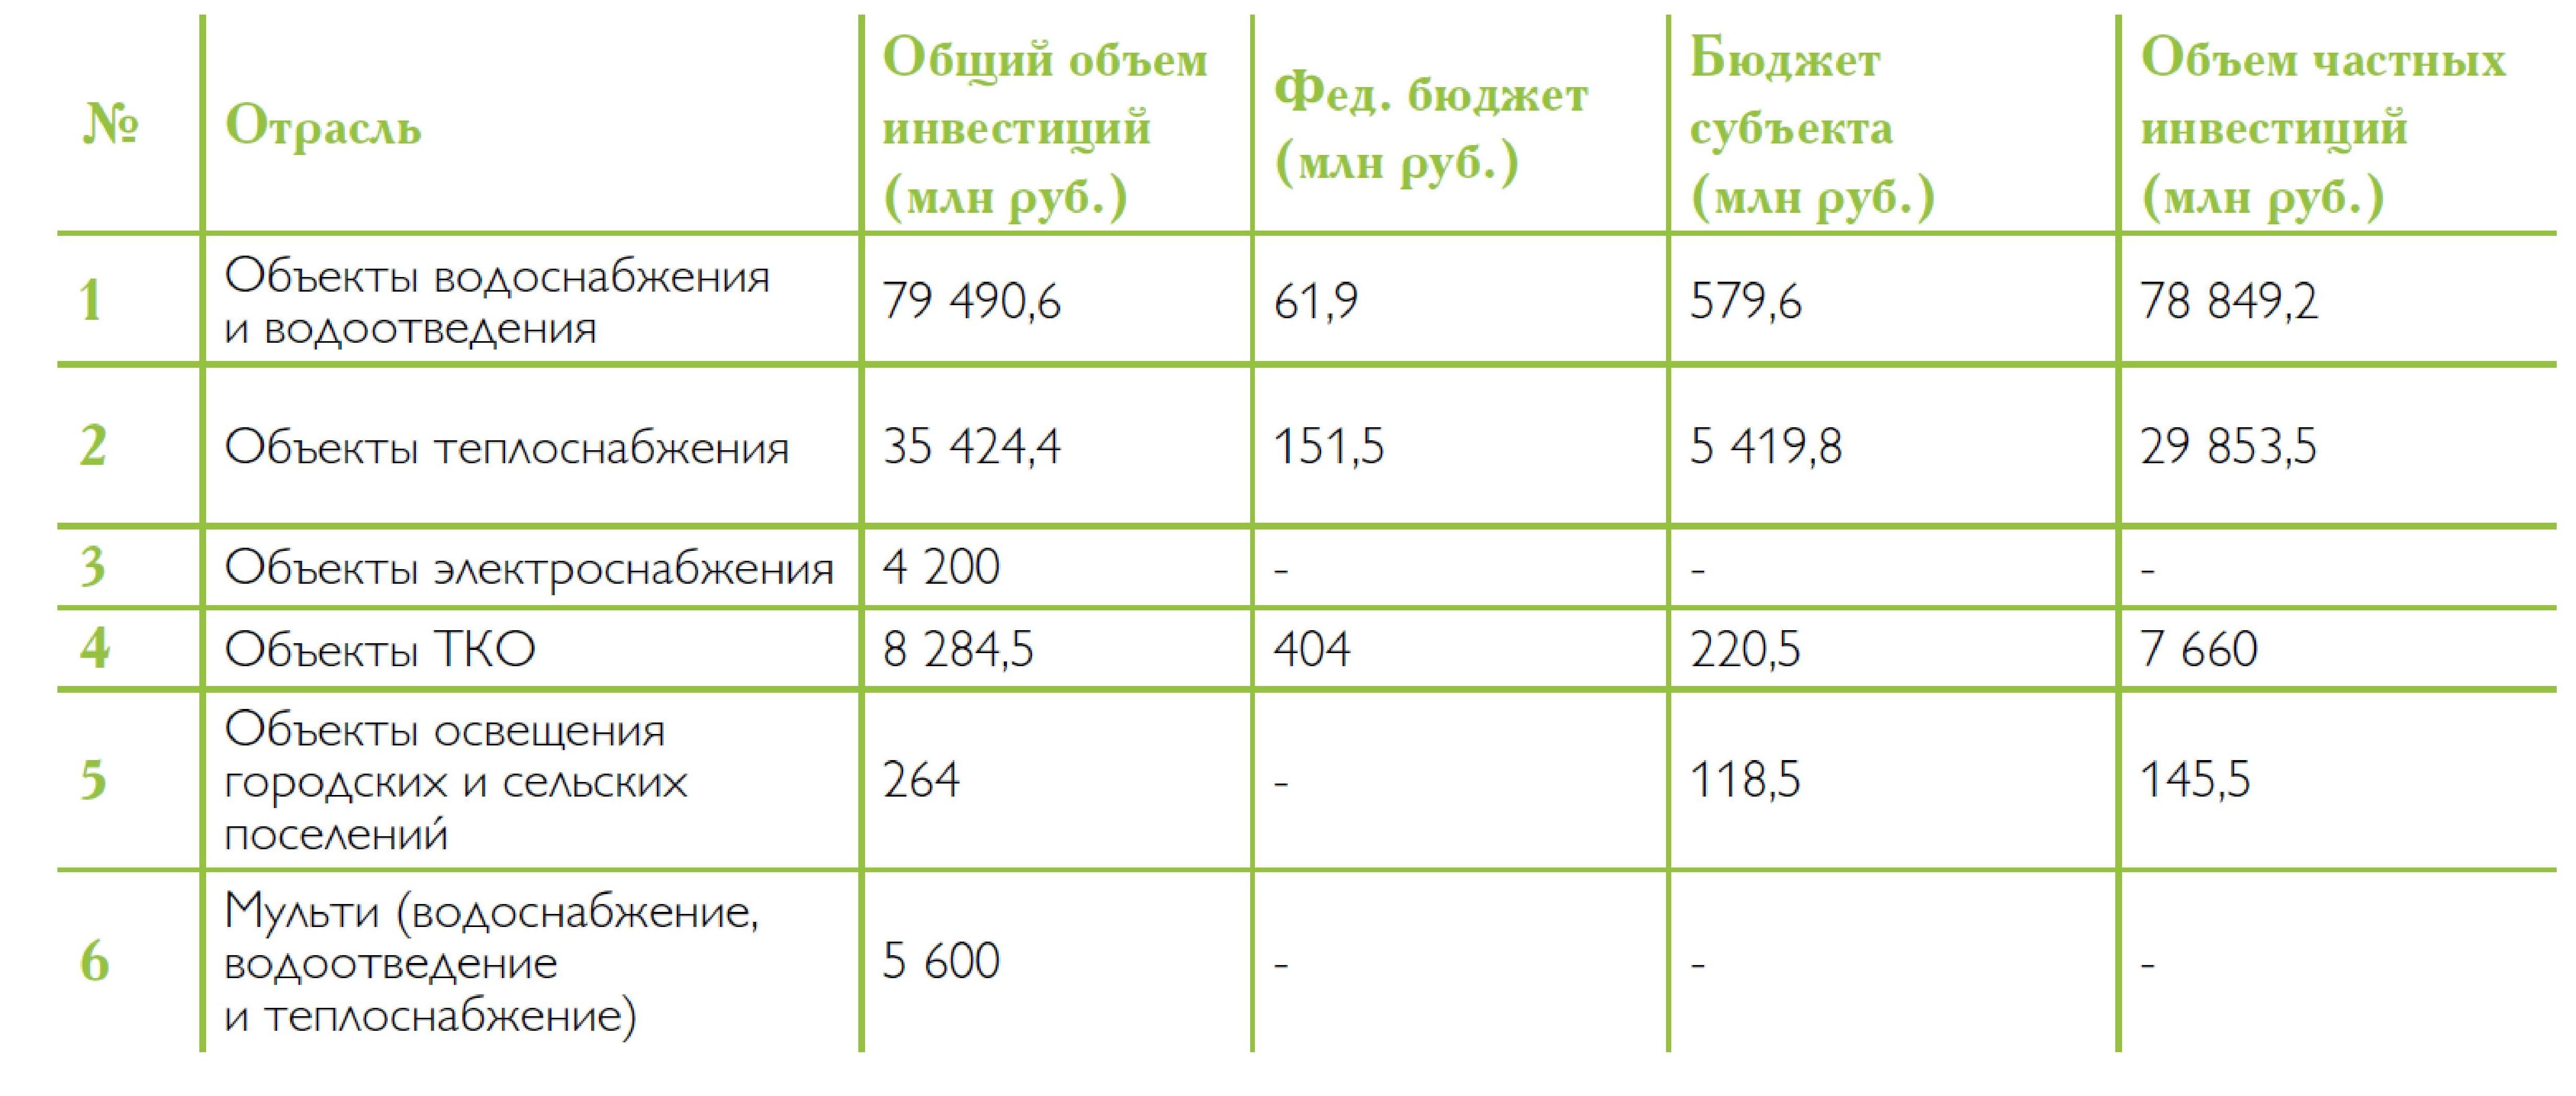 kontsessiya-v-zhkh